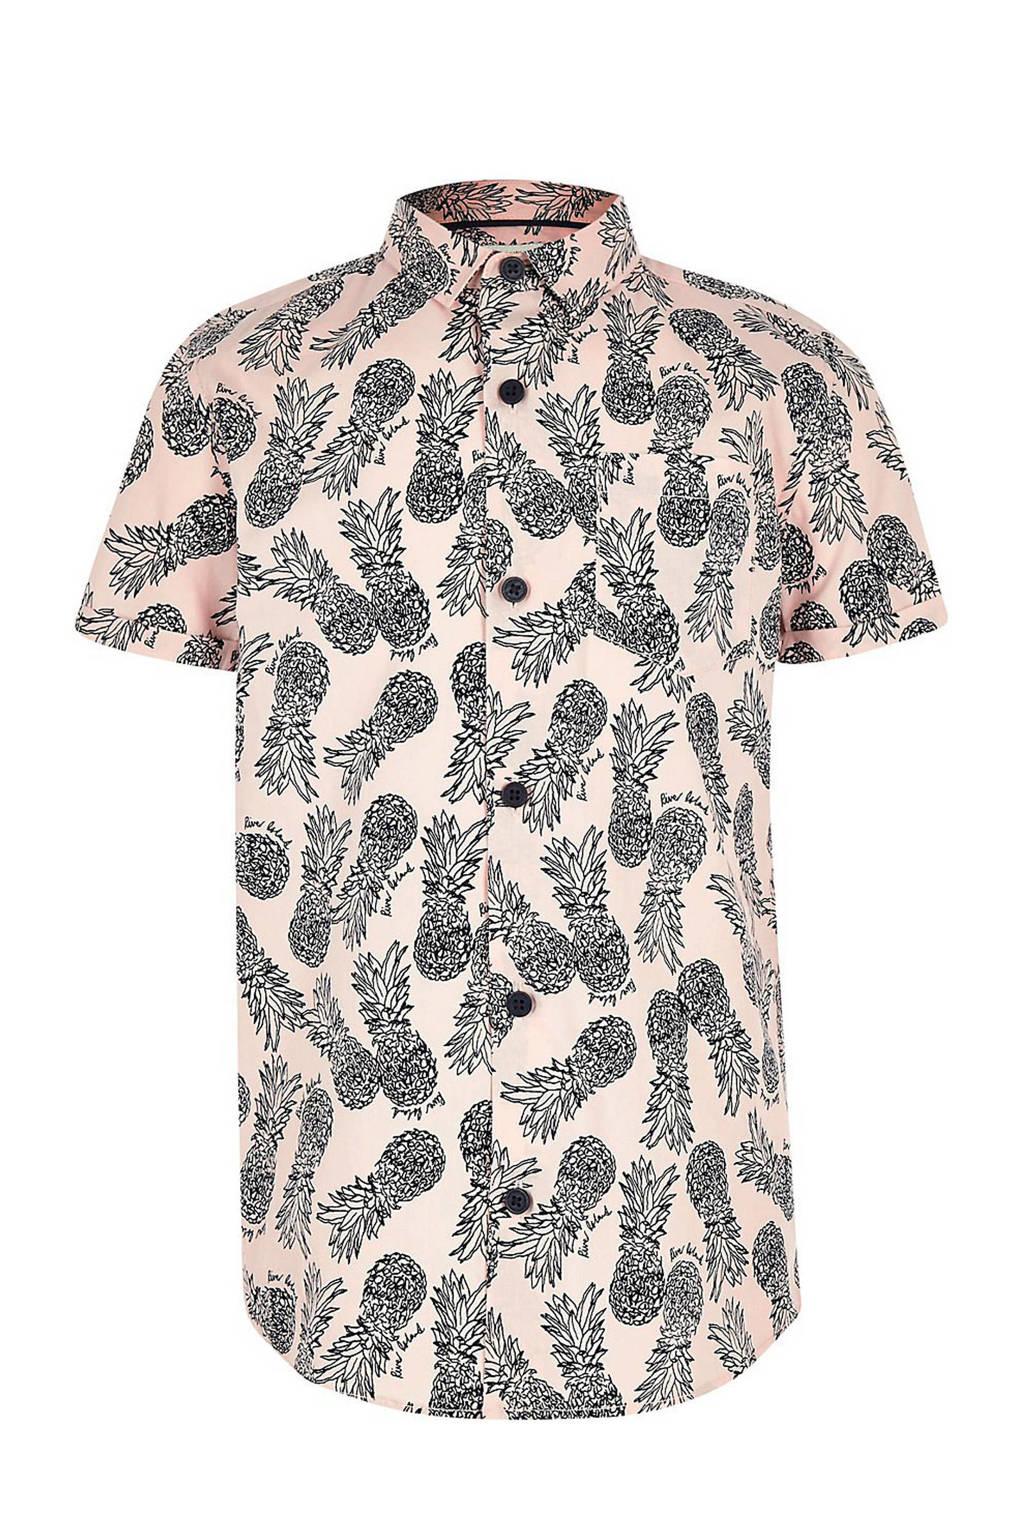 River Island overhemd met ananassen roze, Lichtroze